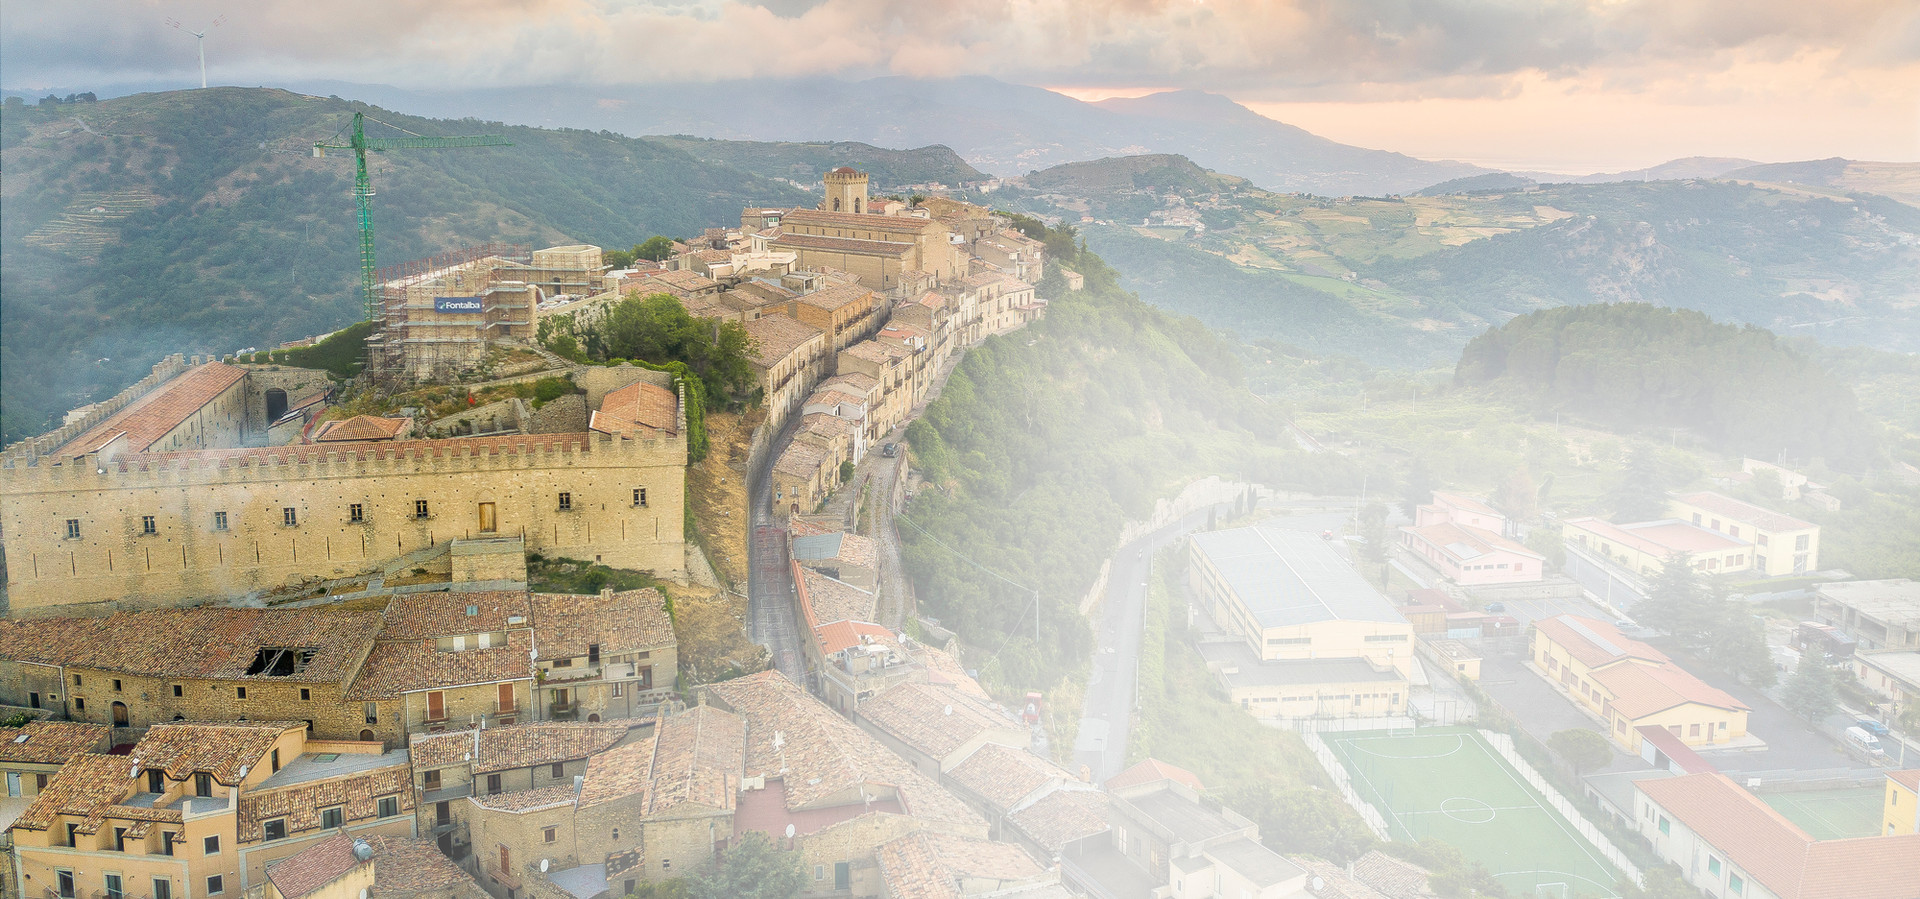 Montalbano Elicona - Sycylia